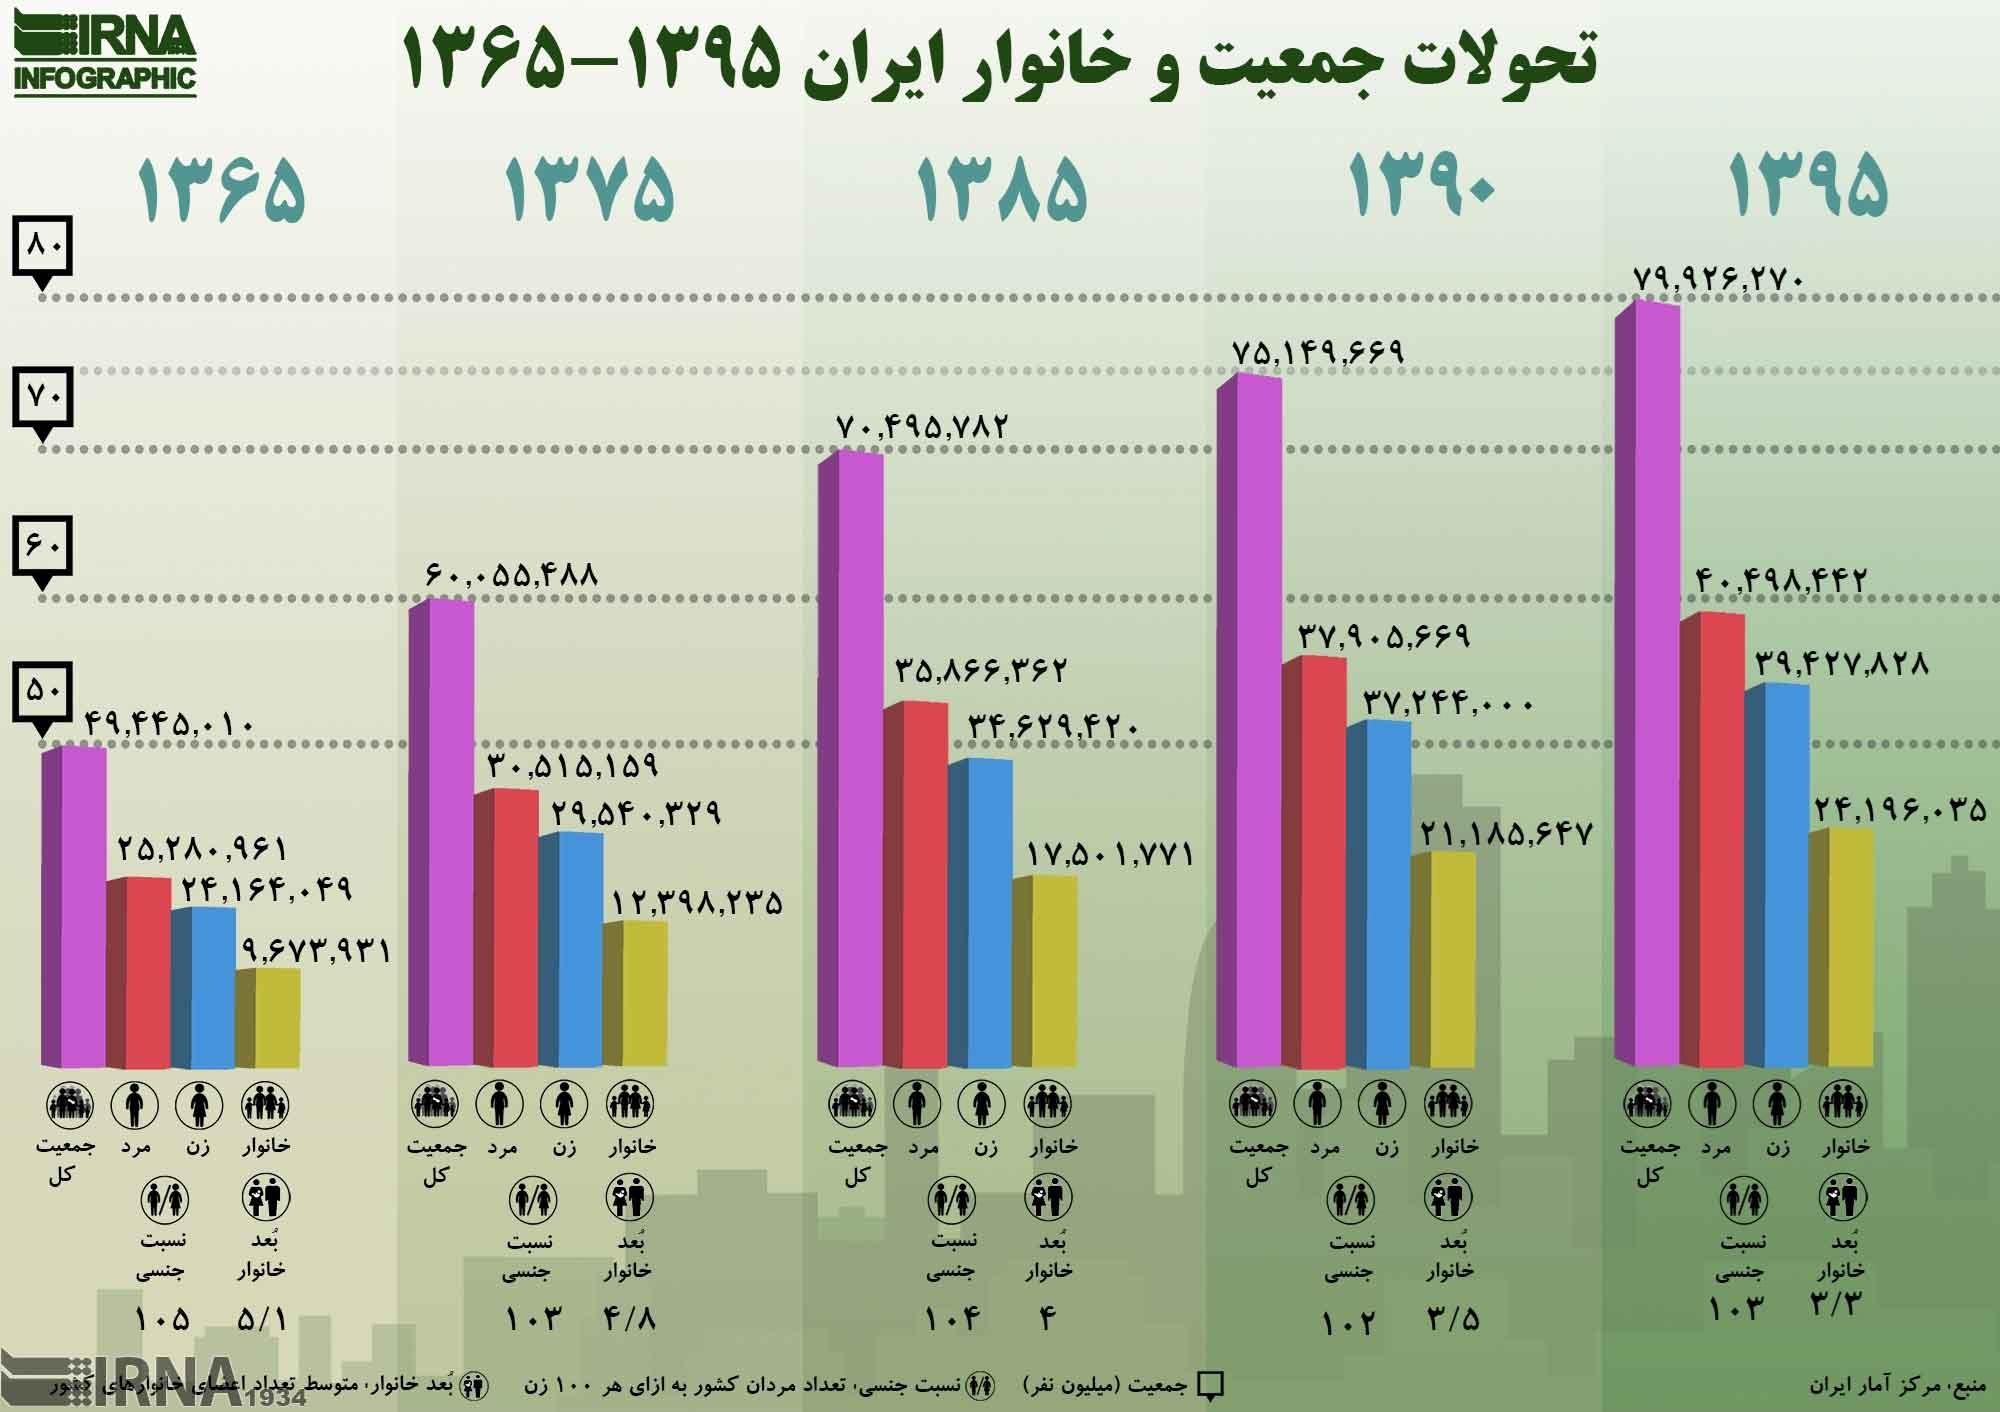 اینفوگرافیک | تحولات جمعیت و خانوار ایران ۱۳۹۵-۱۳۶۵